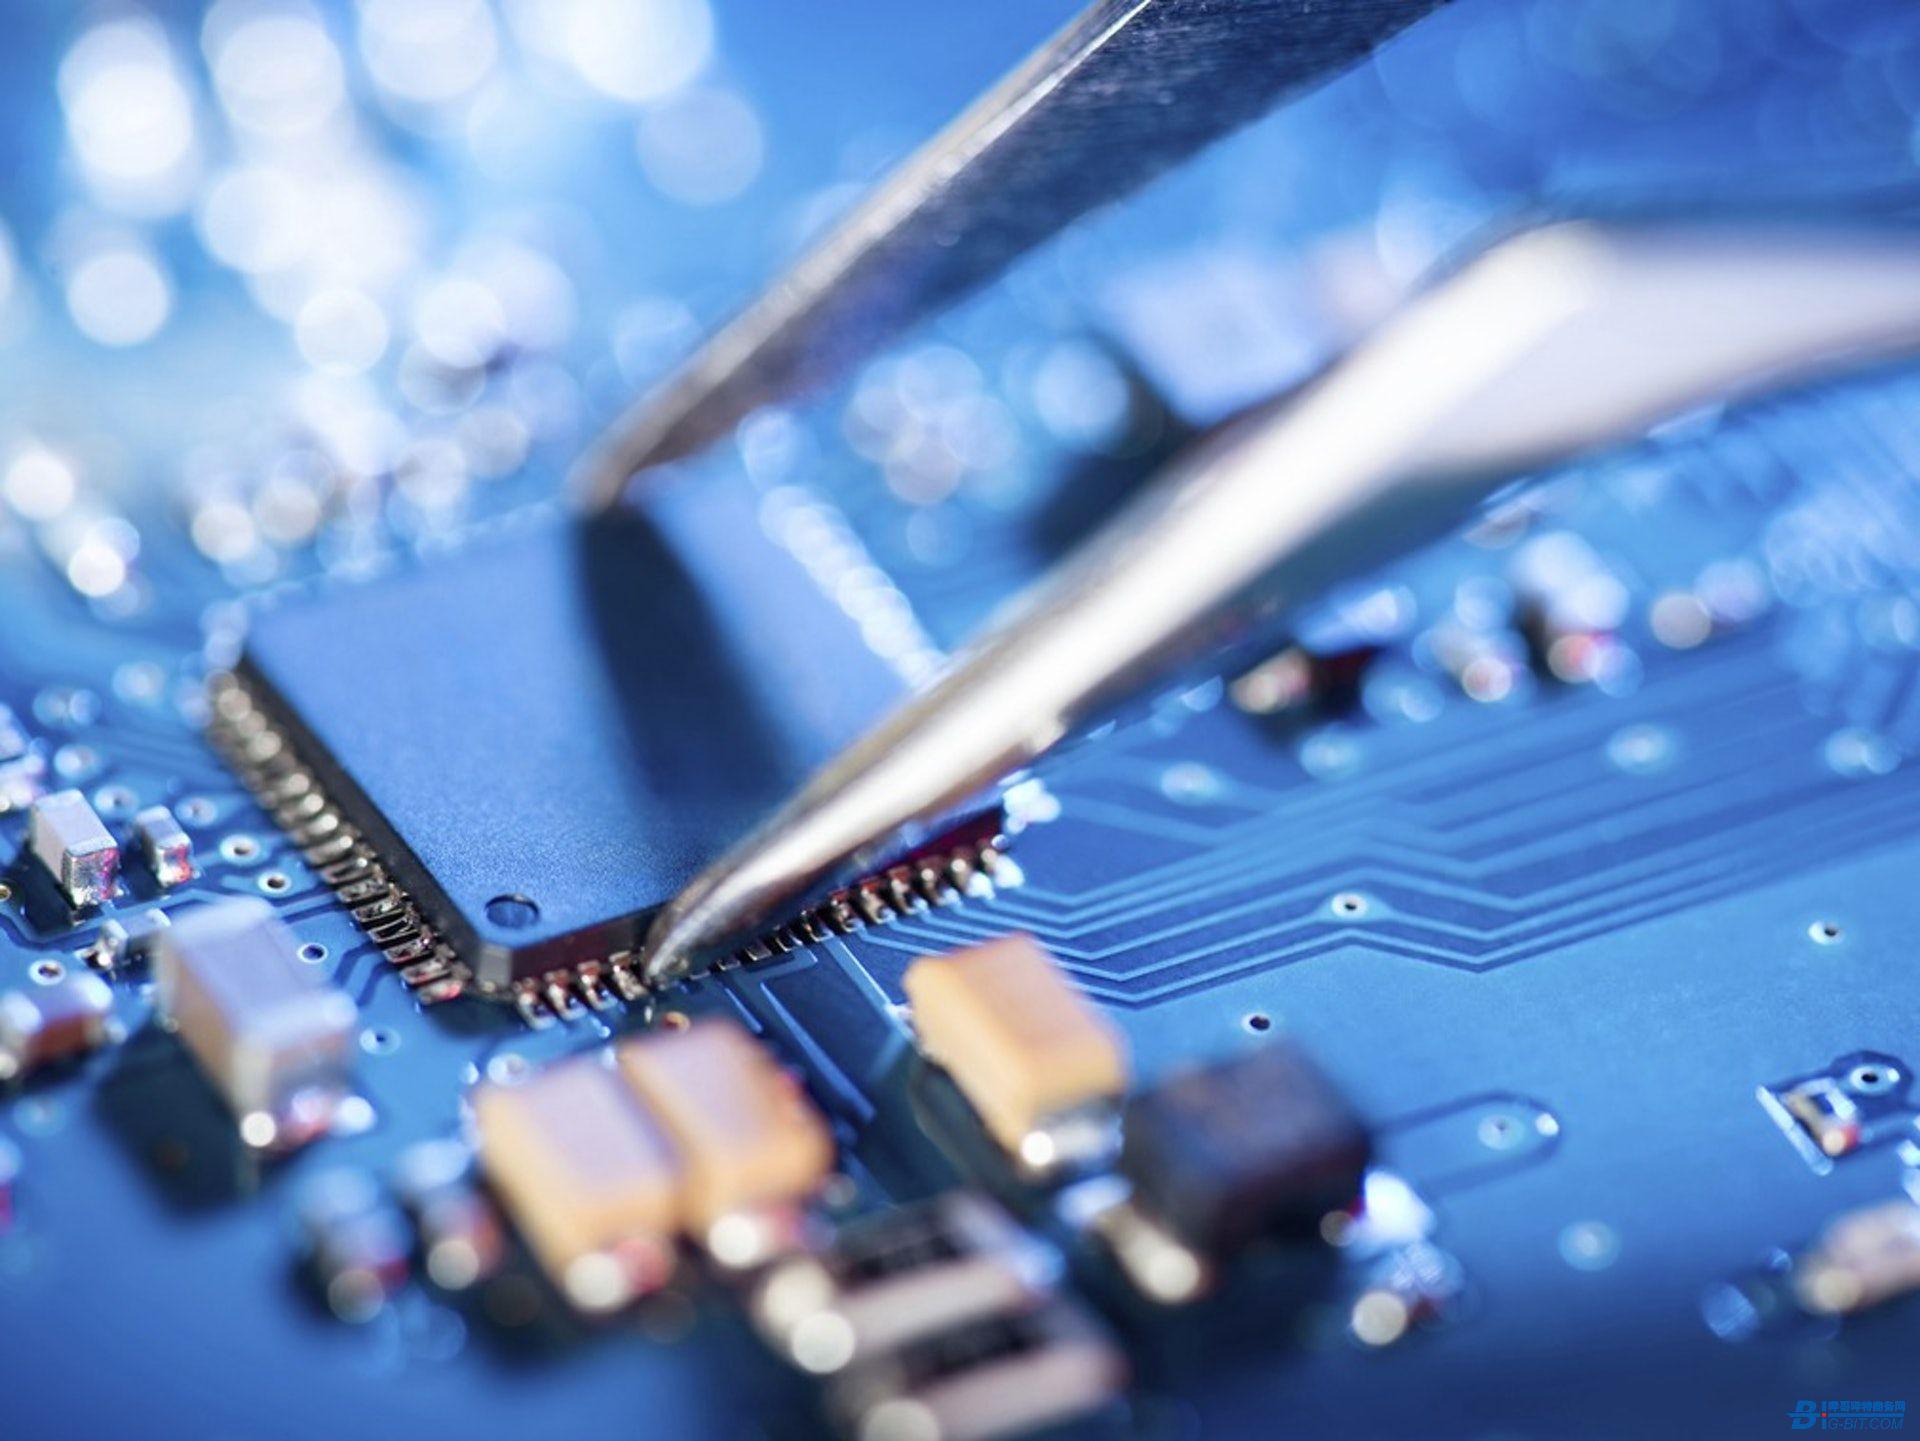 晶丰明源6.13亿并购MCU厂商凌鸥创芯 标的三年累计业绩承诺1.6亿元